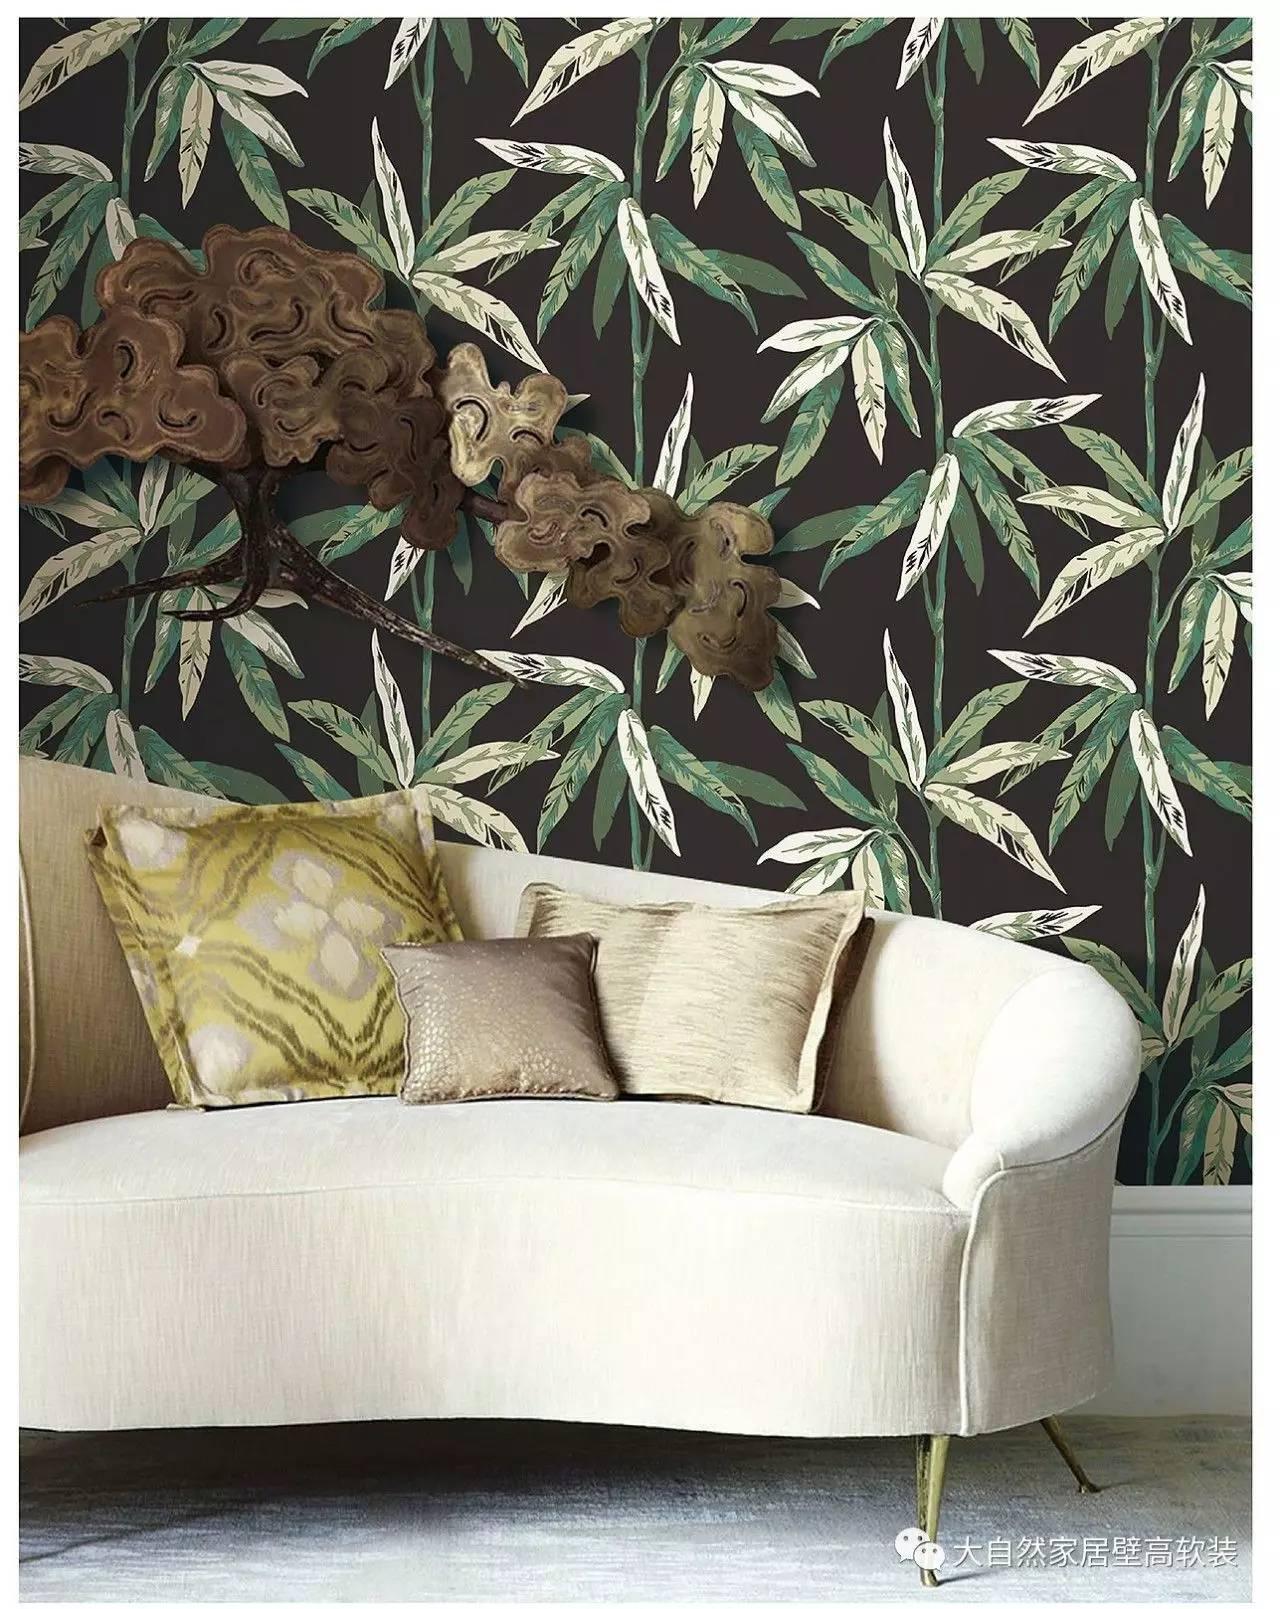 墙纸图案运用热带雨林的元素,贴在家中,亲近自然,热情奔放.